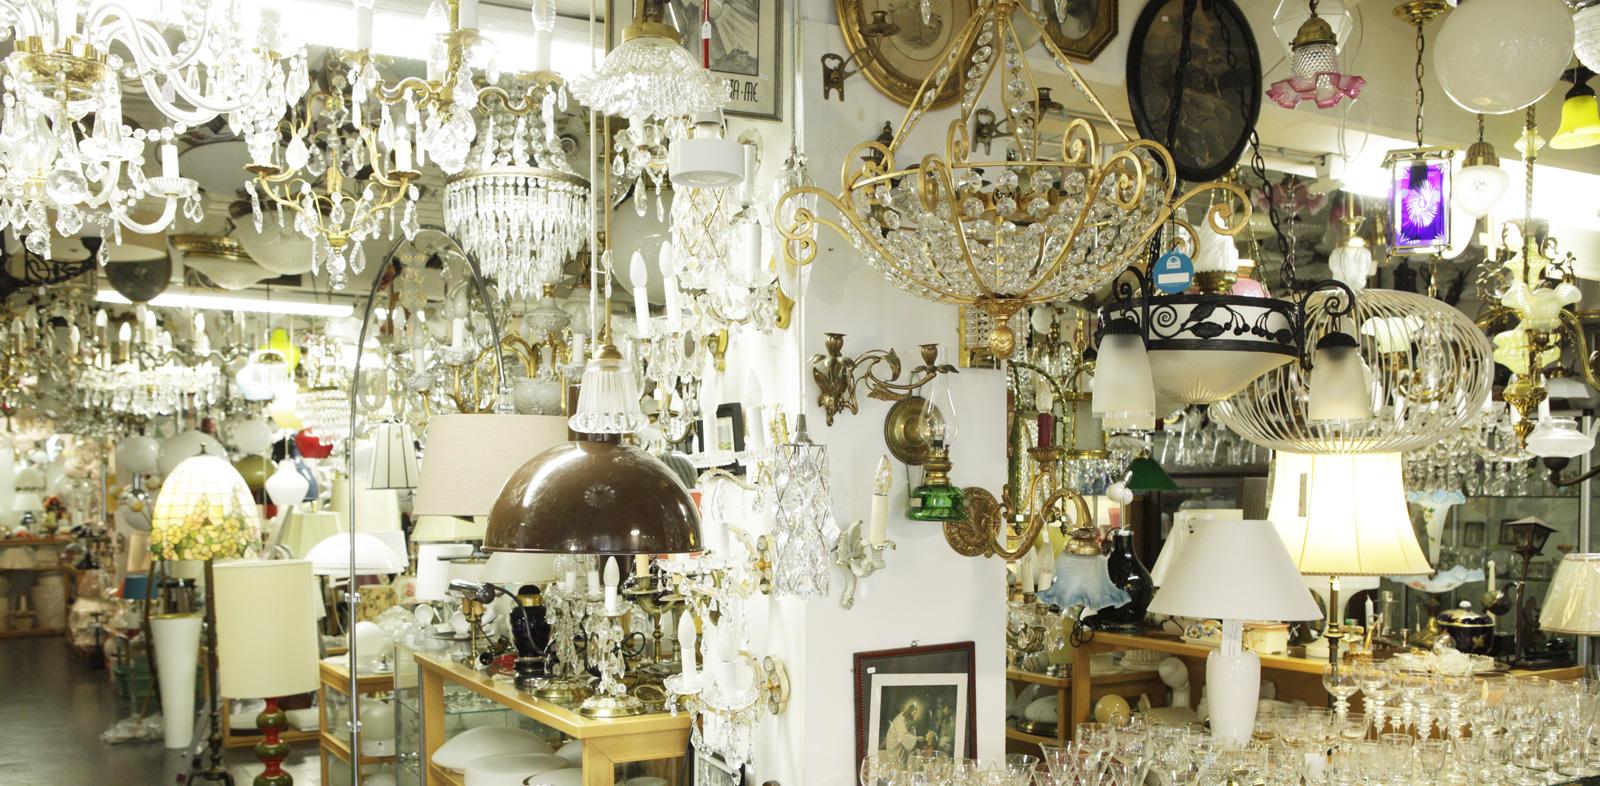 Lumi leuchten klassische und zeitlose lampen aus europa for Lampen antik